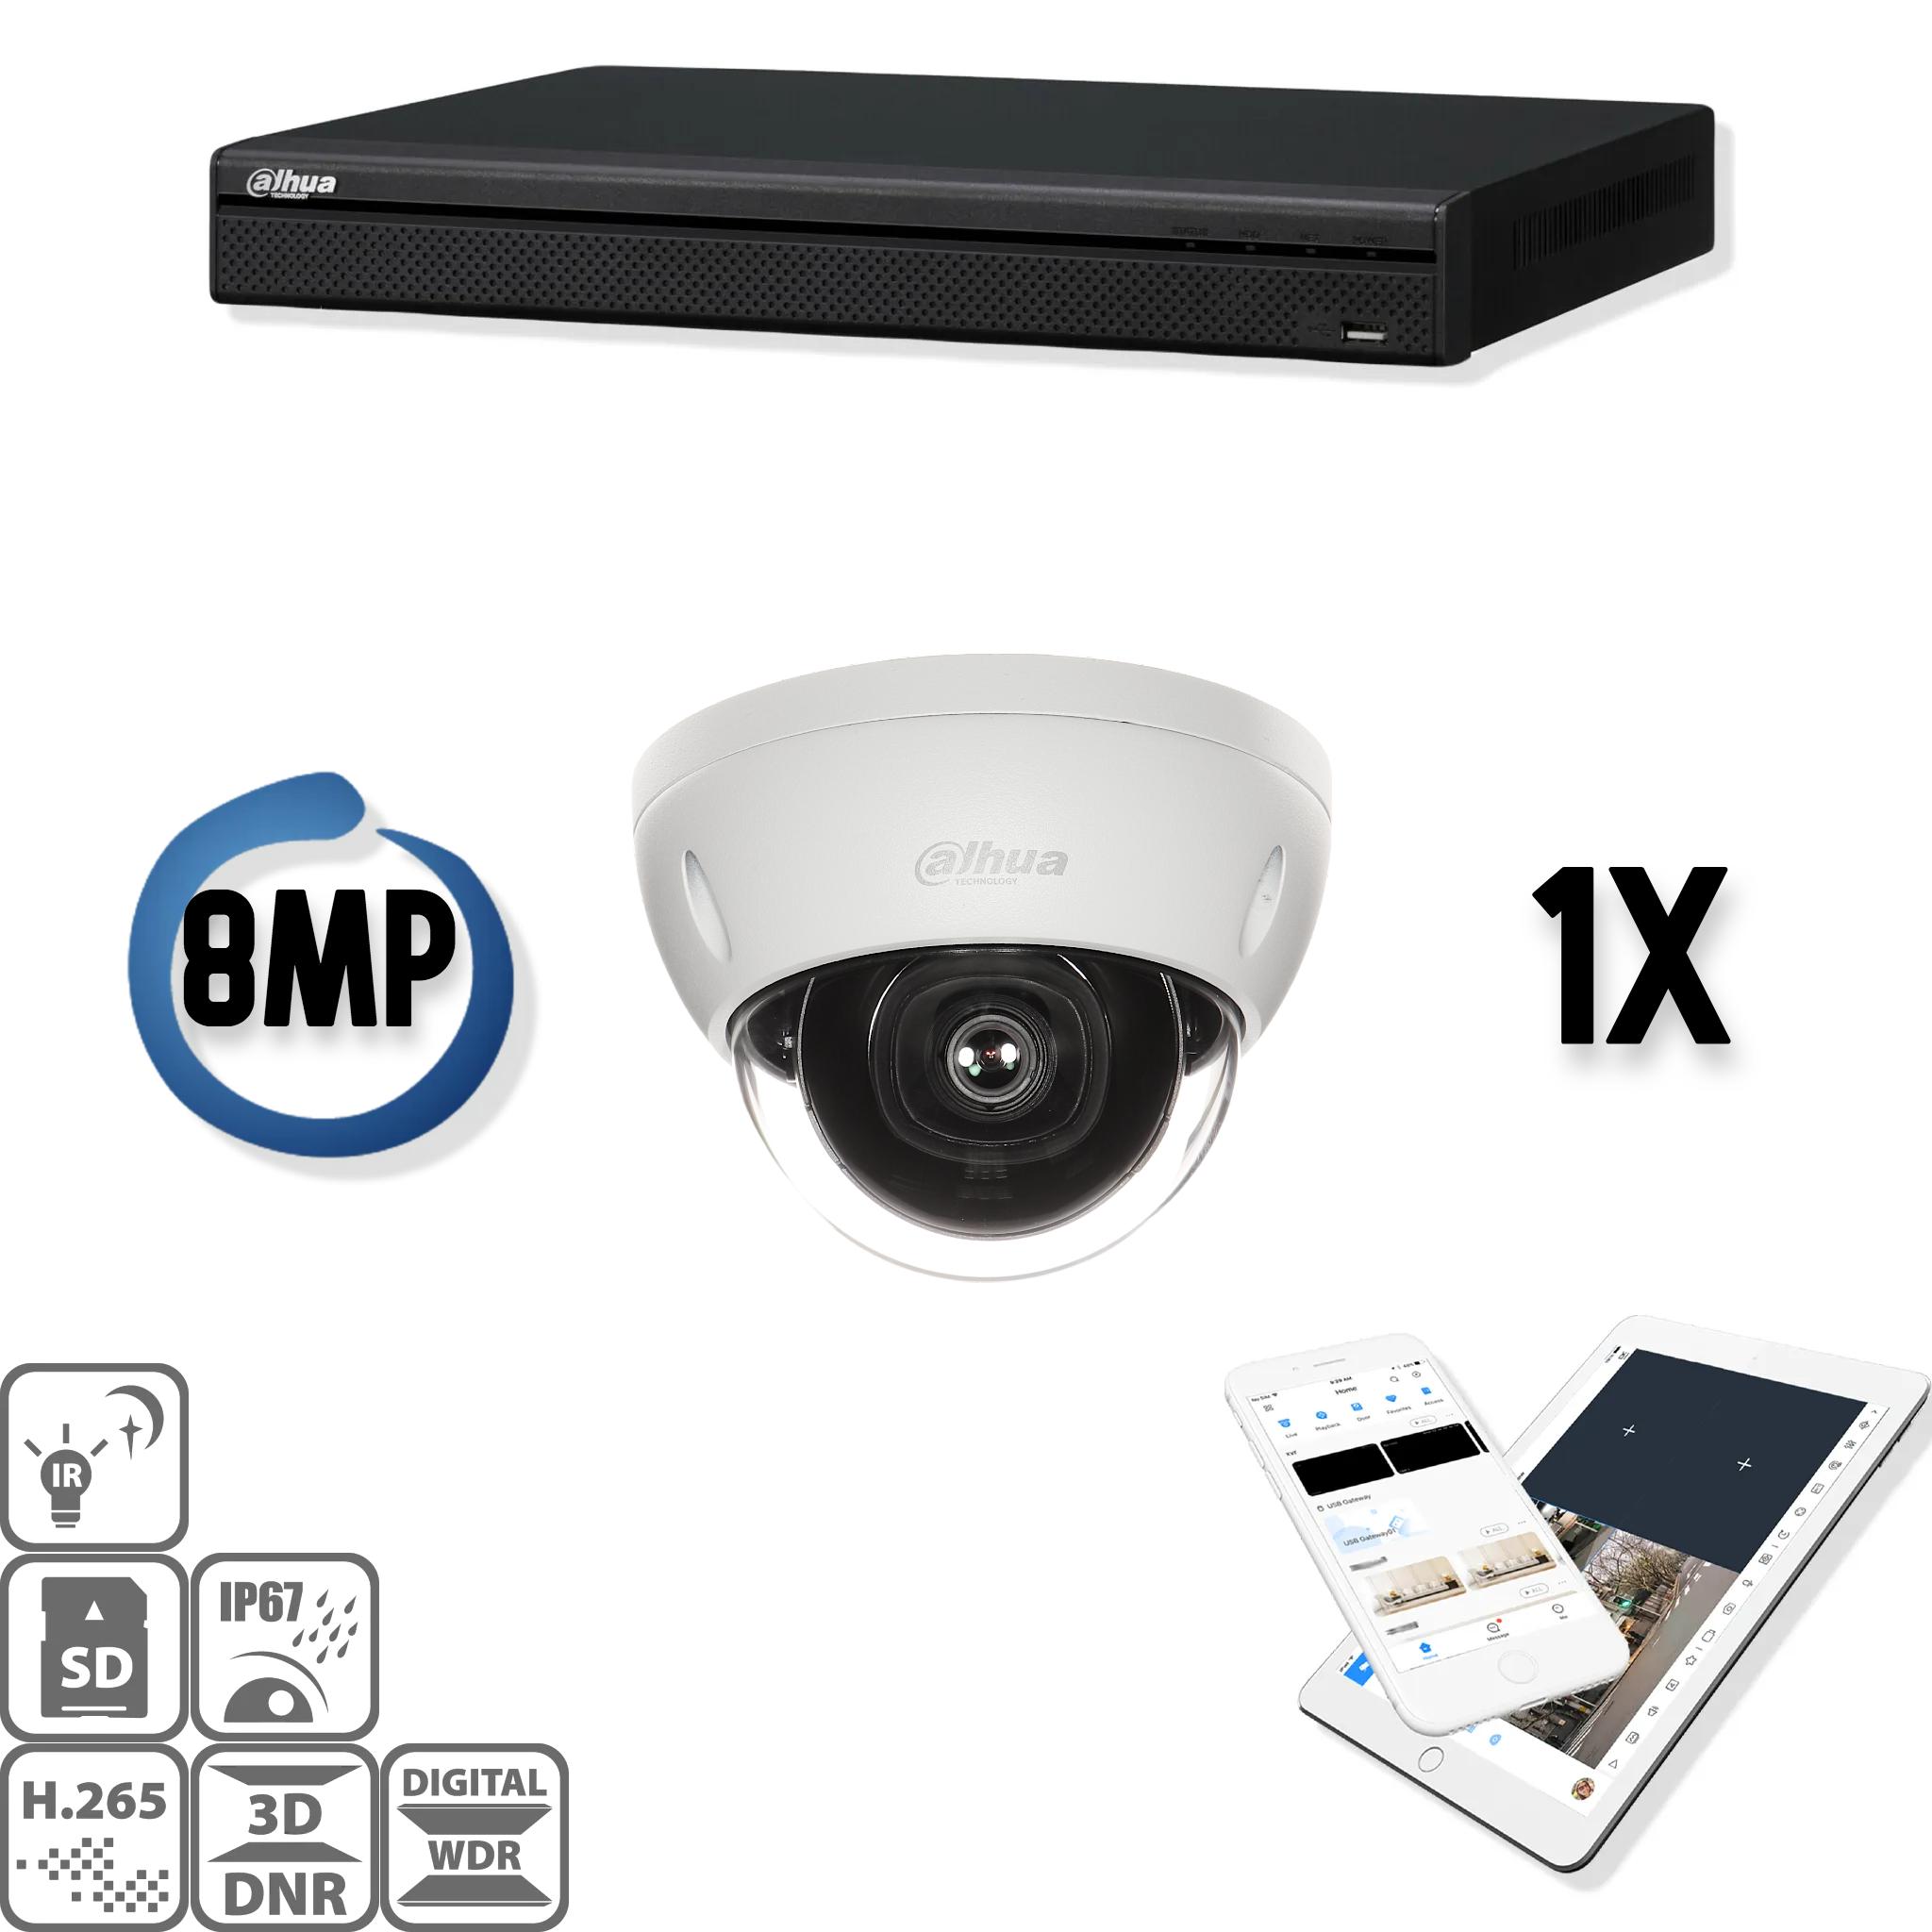 Le kit de sécurité Dahua IP 1x dôme 8mp Ultra HD contient 1 caméra dôme IP, qui convient à une utilisation intérieure ou extérieure. La caméra a une qualité d'image Ultra HD avec des LED IR pour une vue parfaite dans l'obscurité. Cet ensemble de caméras I